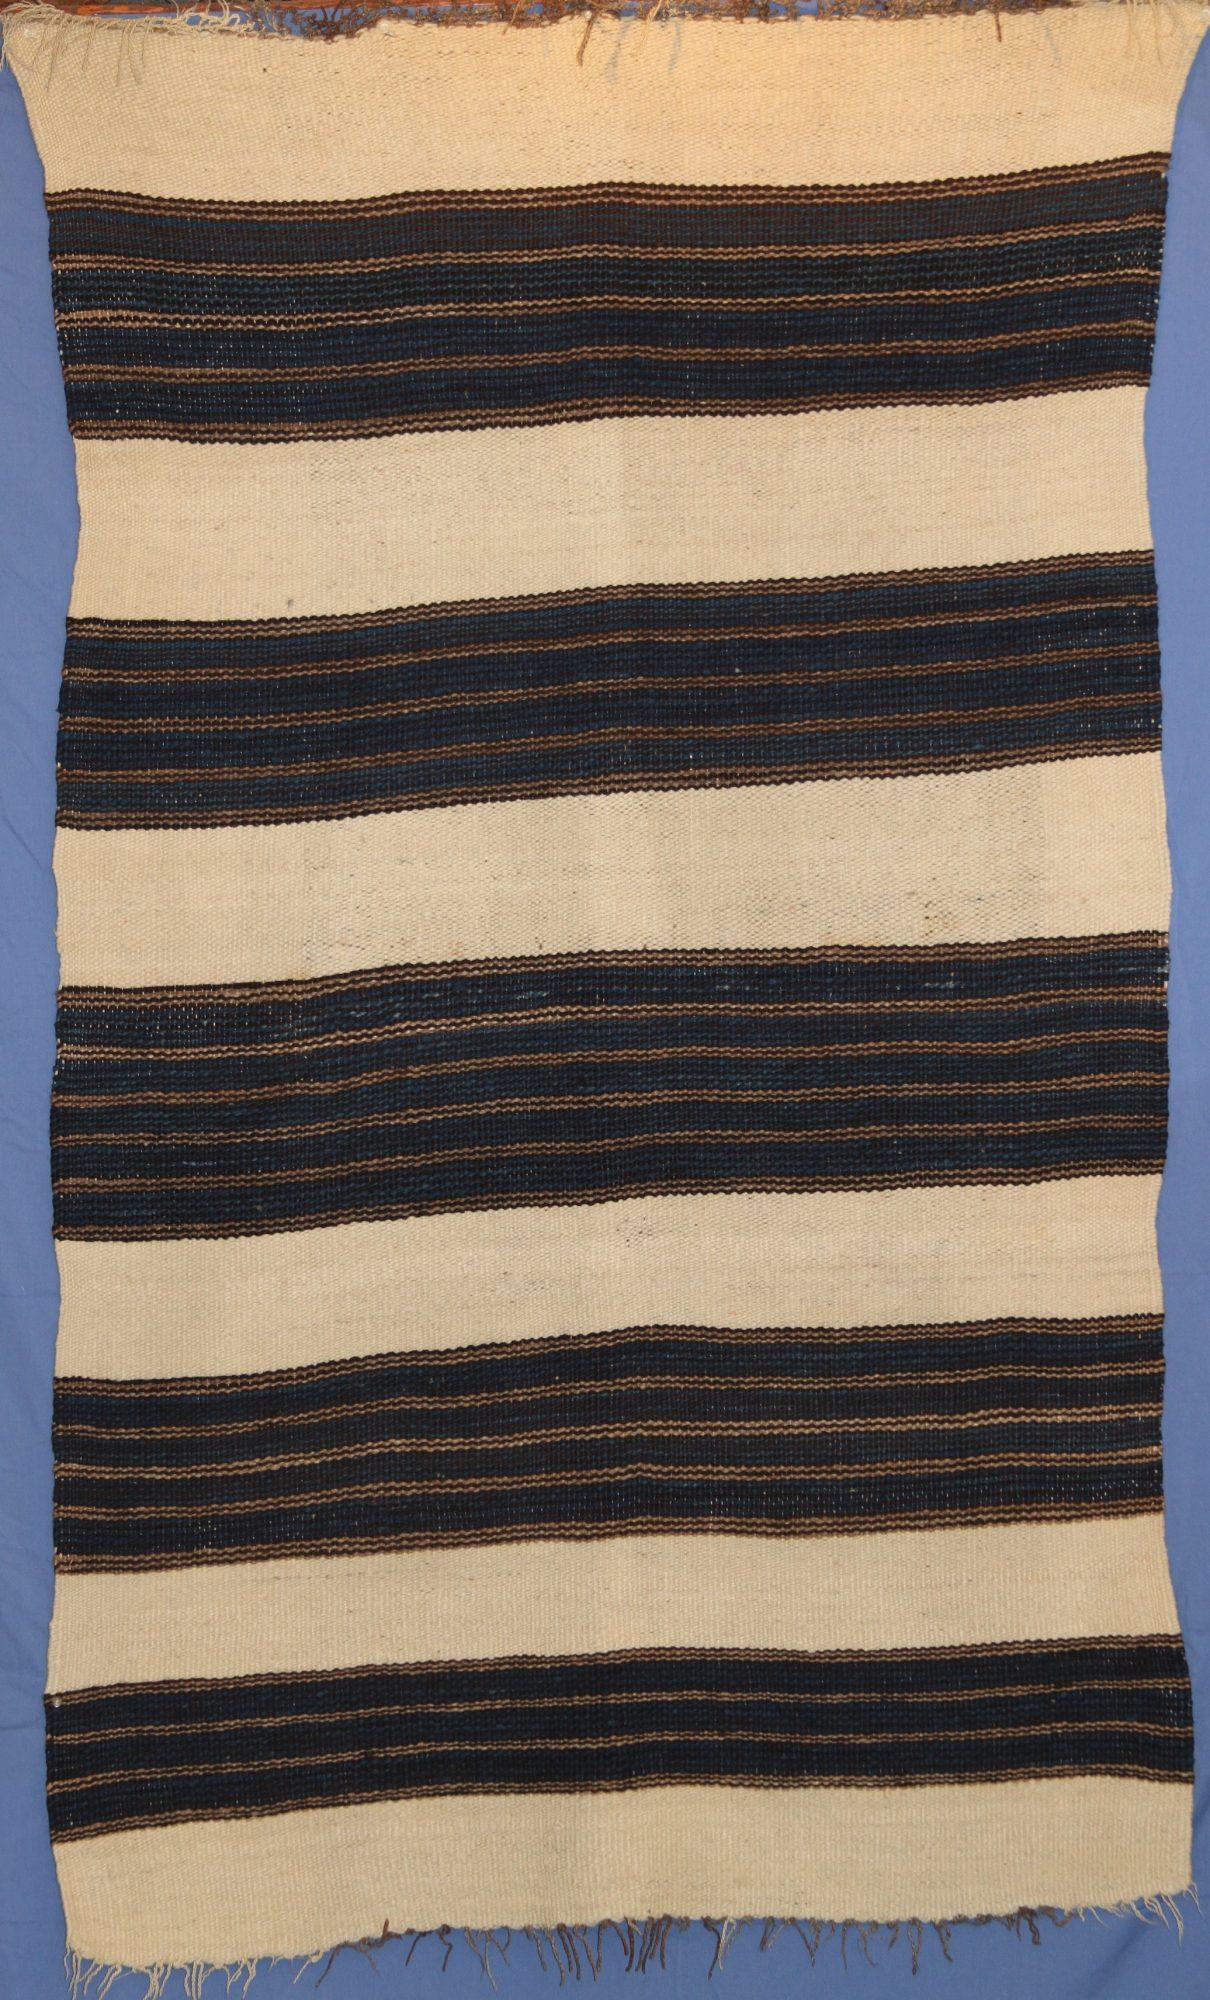 WOOL ZUNI MAN'S WEARING BLANKET CA. 1860